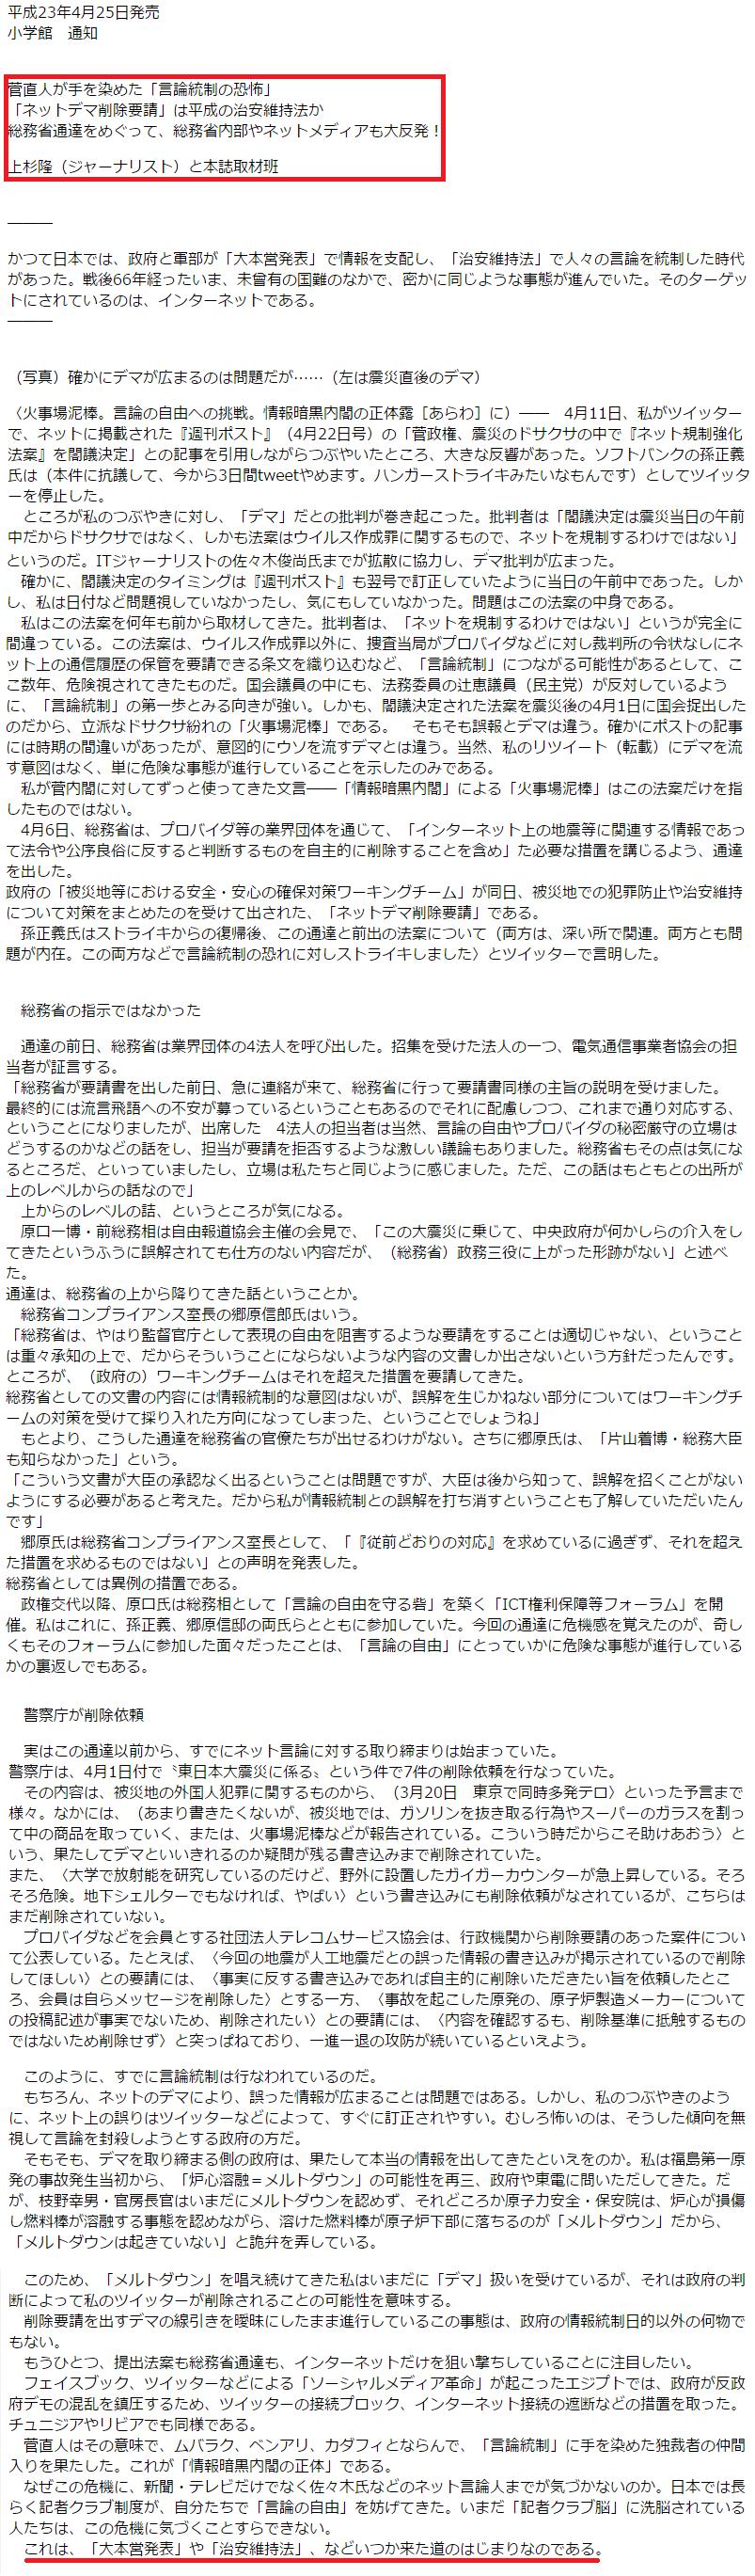 ミンス党が菅政権が推進した言論統制法